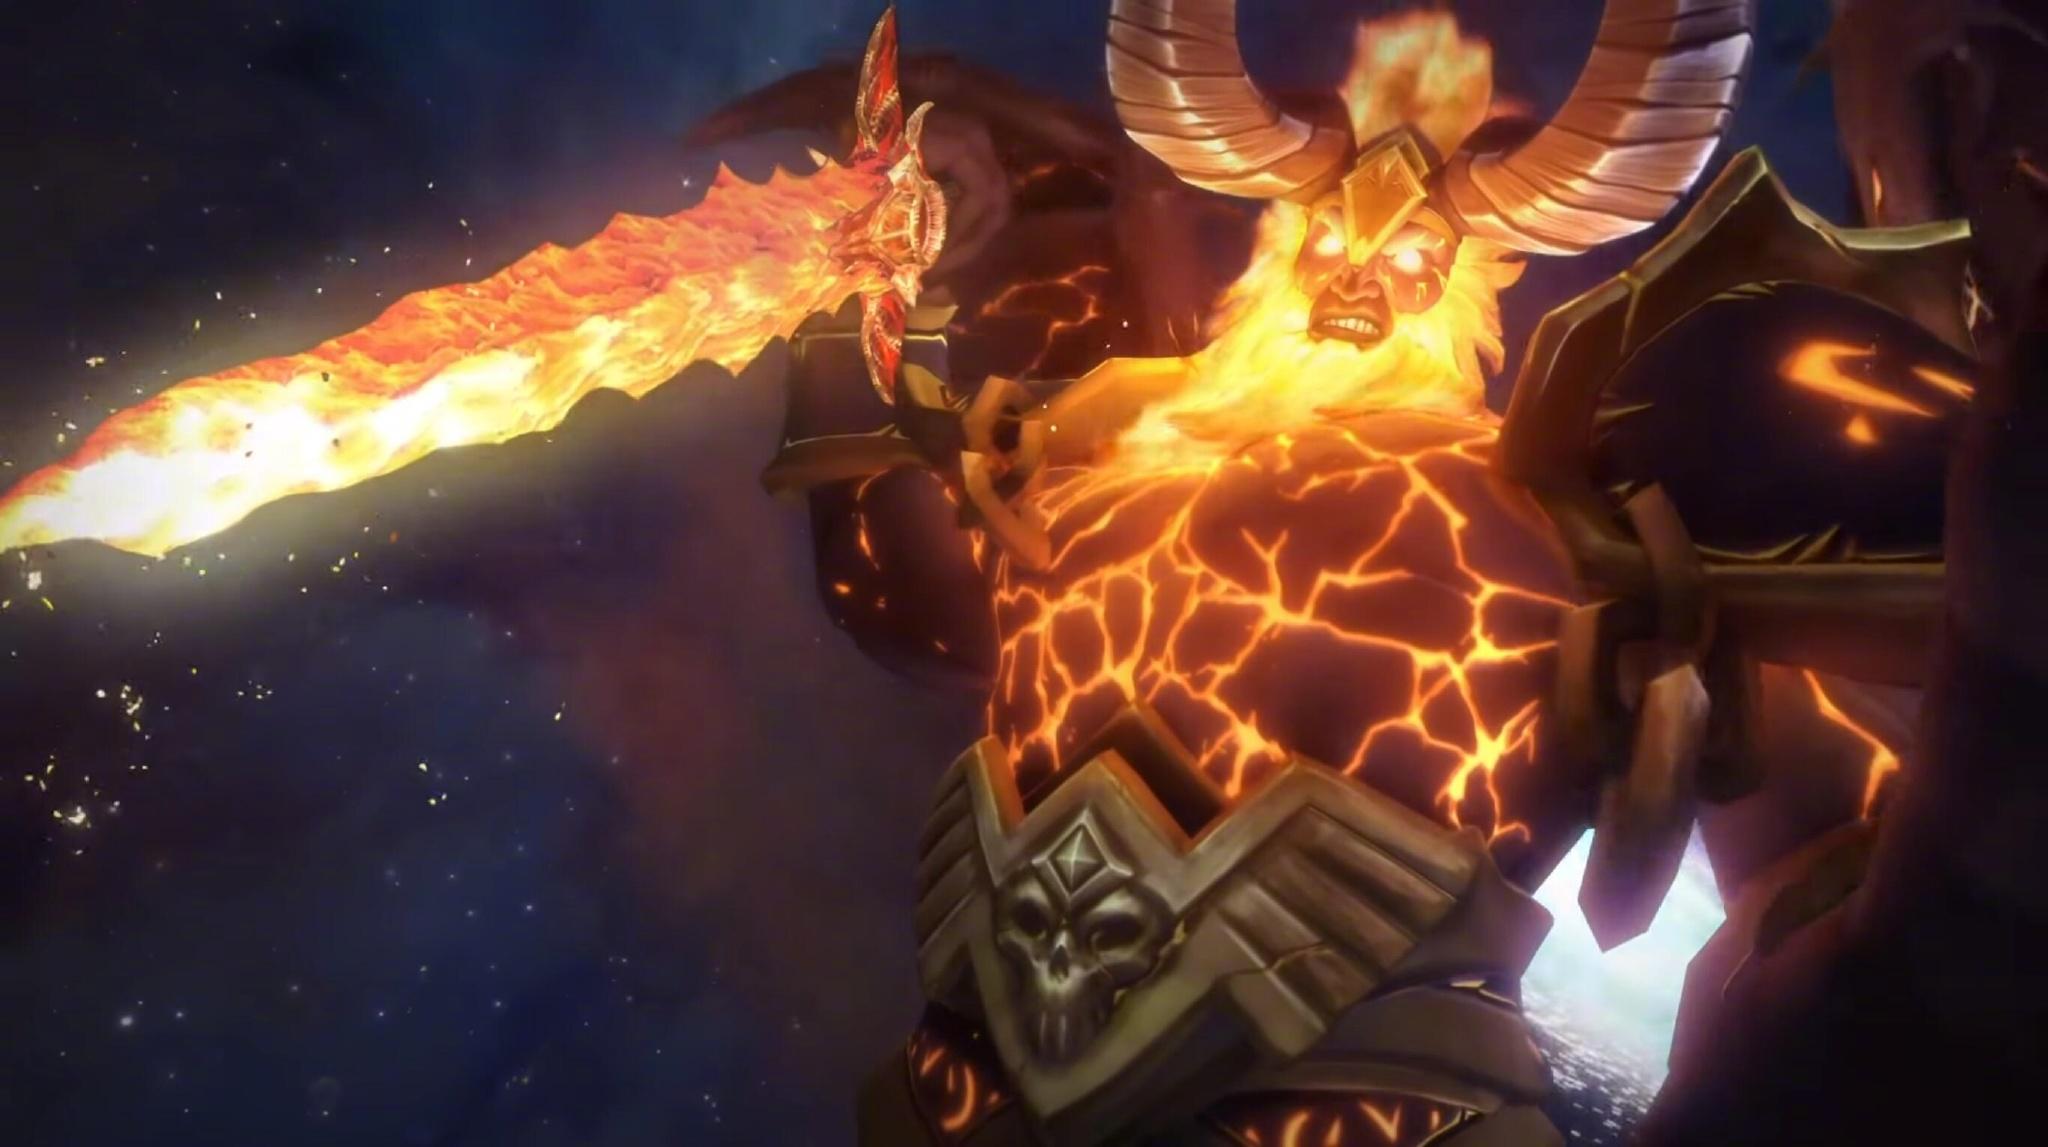 魔兽世界,燃烧王座,艾泽拉斯,大宝剑